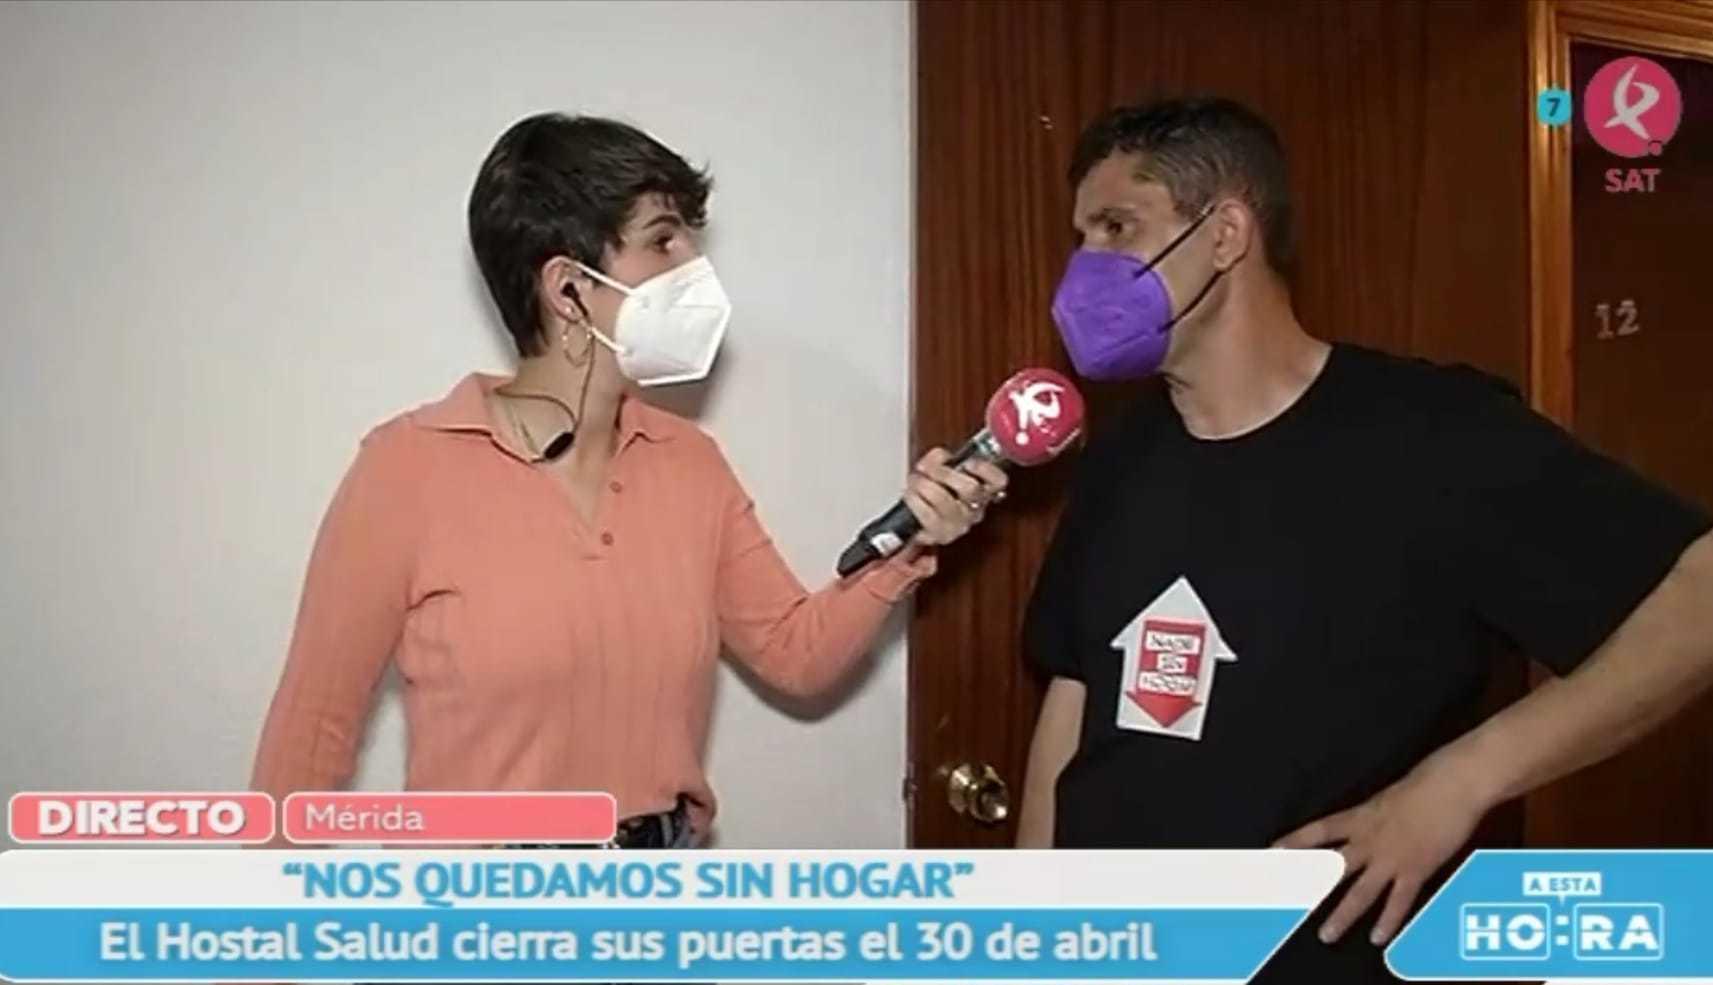 El 30 de abril, 16 personas podrían perder su hogar en Mérida